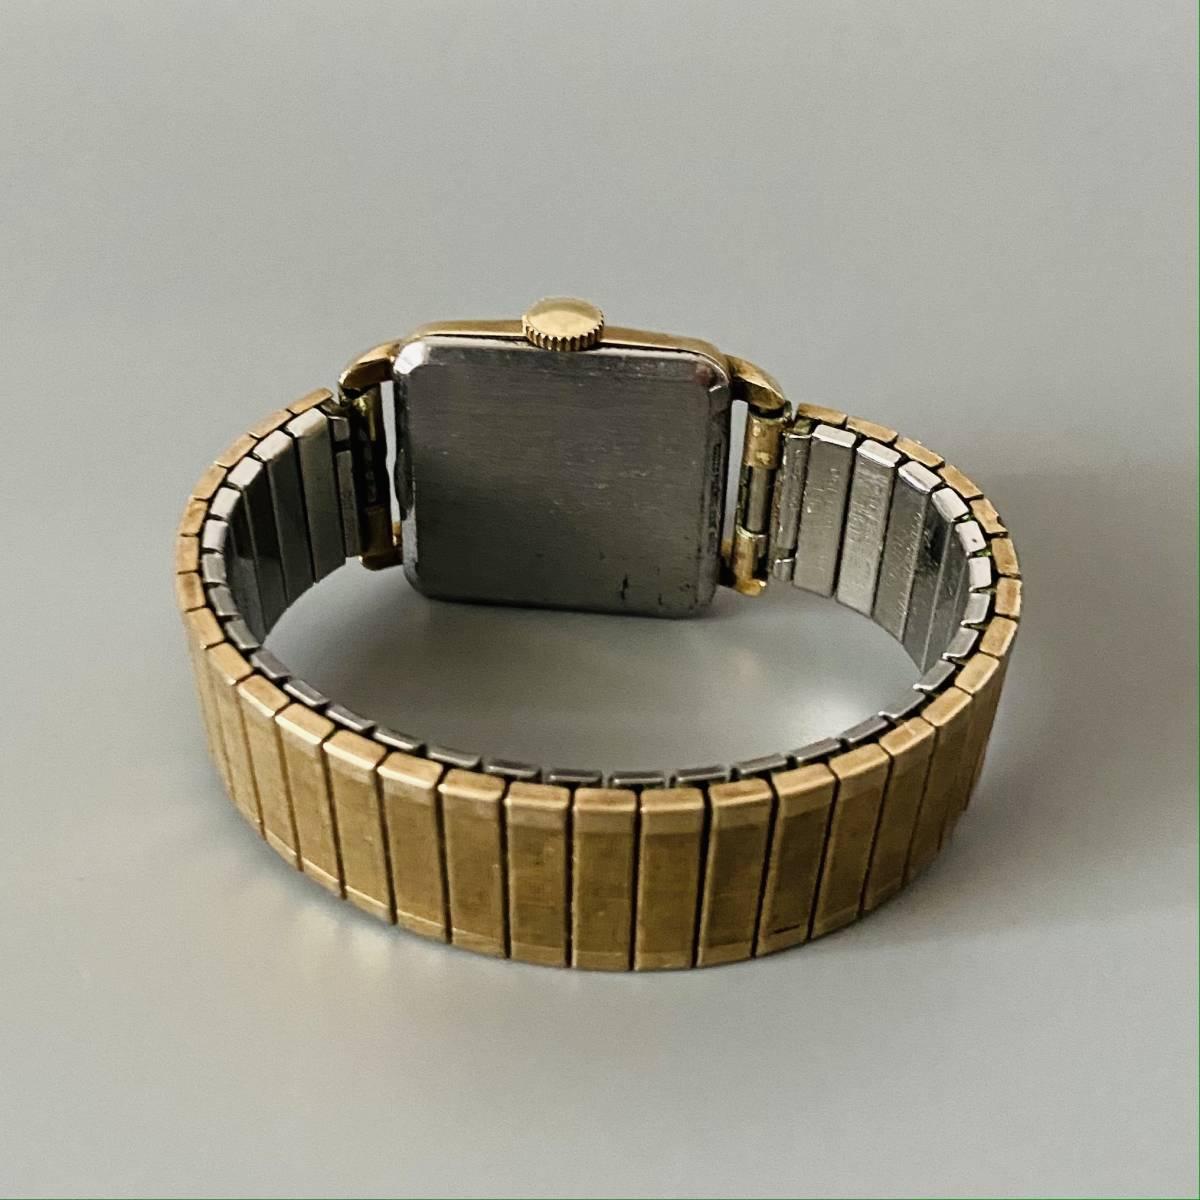 【アンティーク グリュエン】Gruen veri-thin 1940年代 スモセコ cal 425 17石 手巻き メンズ レディース ビンテージ 腕時計 スイス 訳あり_画像7